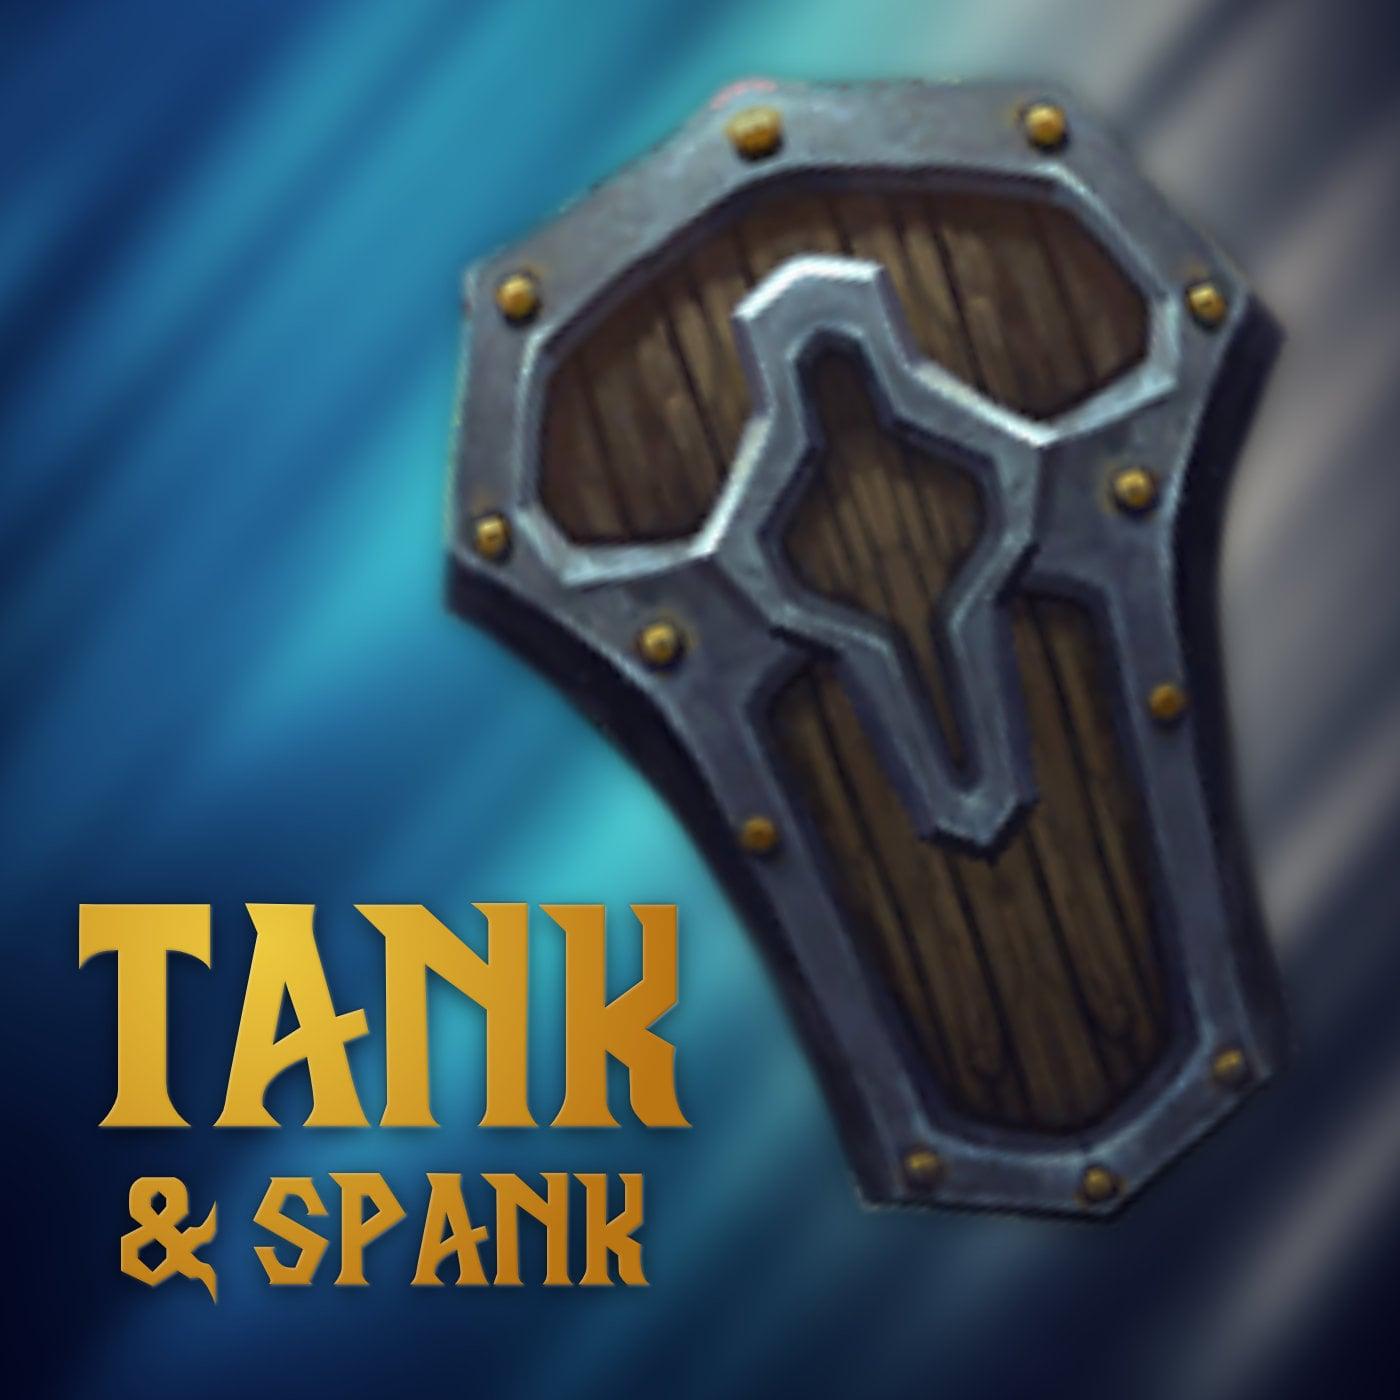 Tank 'n Spank